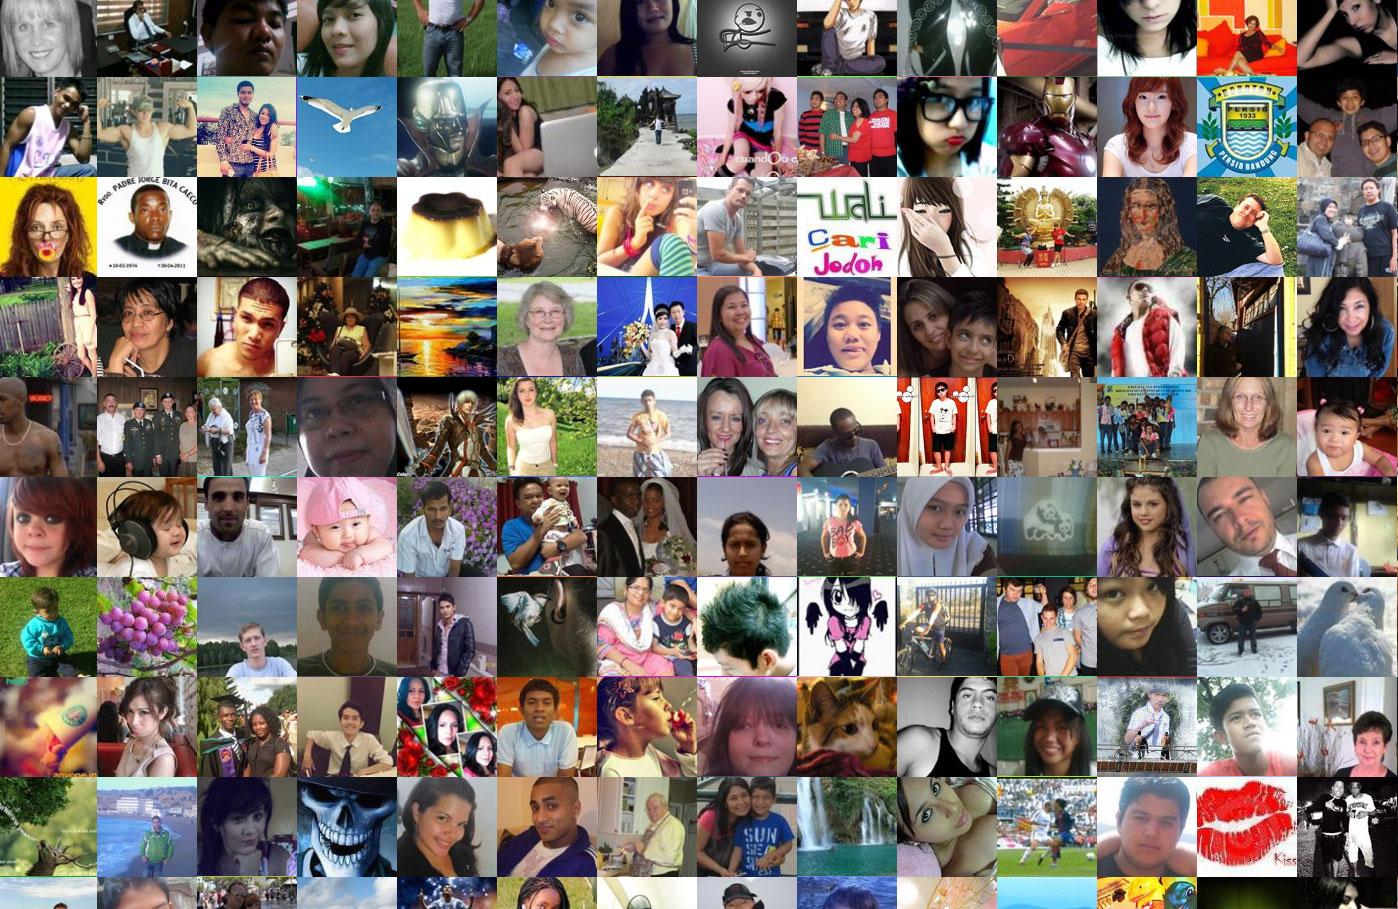 臉書12億會員大頭照通通擠進一個網頁!2